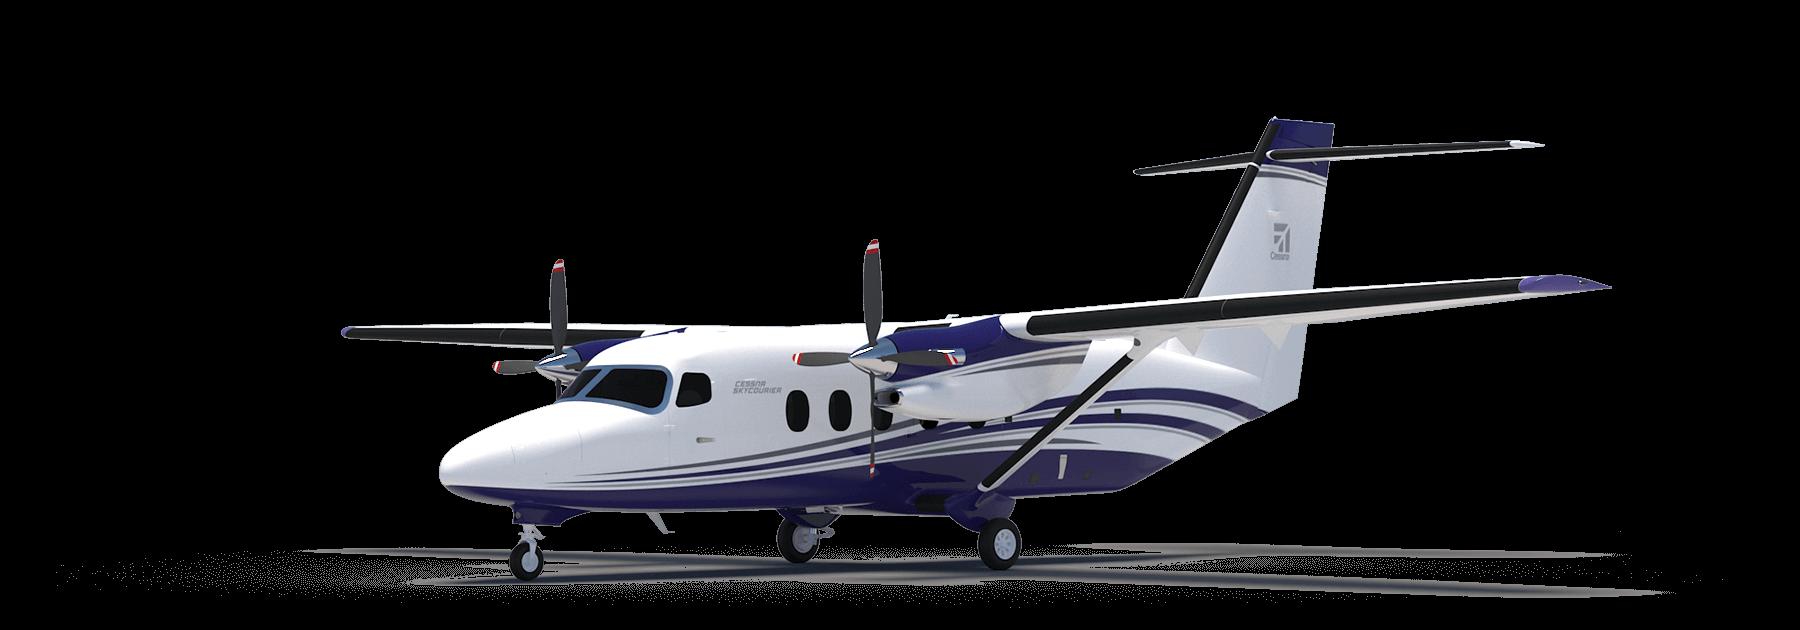 Cessna SkyCourier exterior